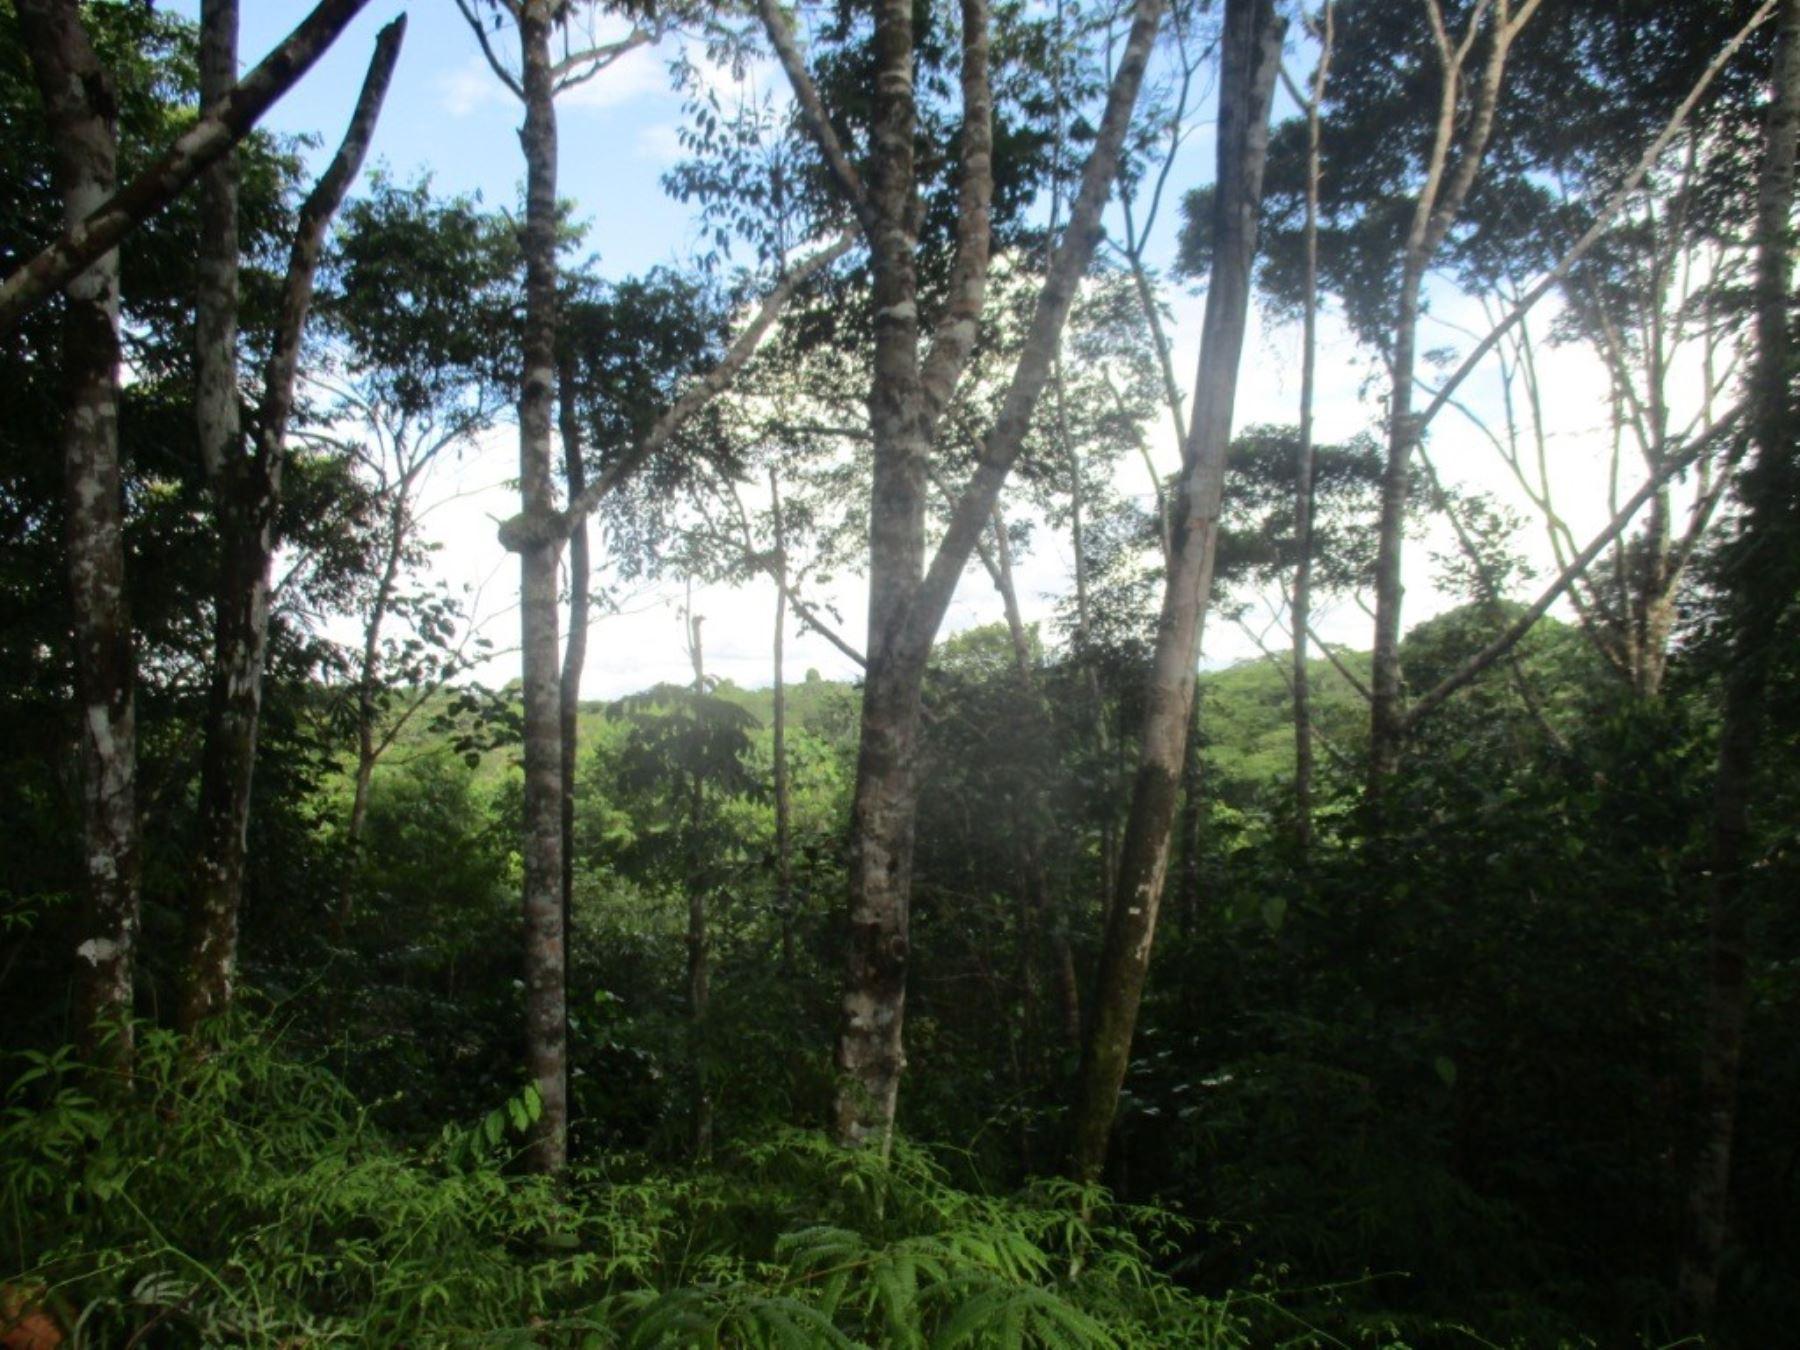 El área de conservación privada Ni Meraya se convirtió en la trigésima que se reconoce en Loreto que se convierte en la región líder en la conservación de la biodiversidad del país.